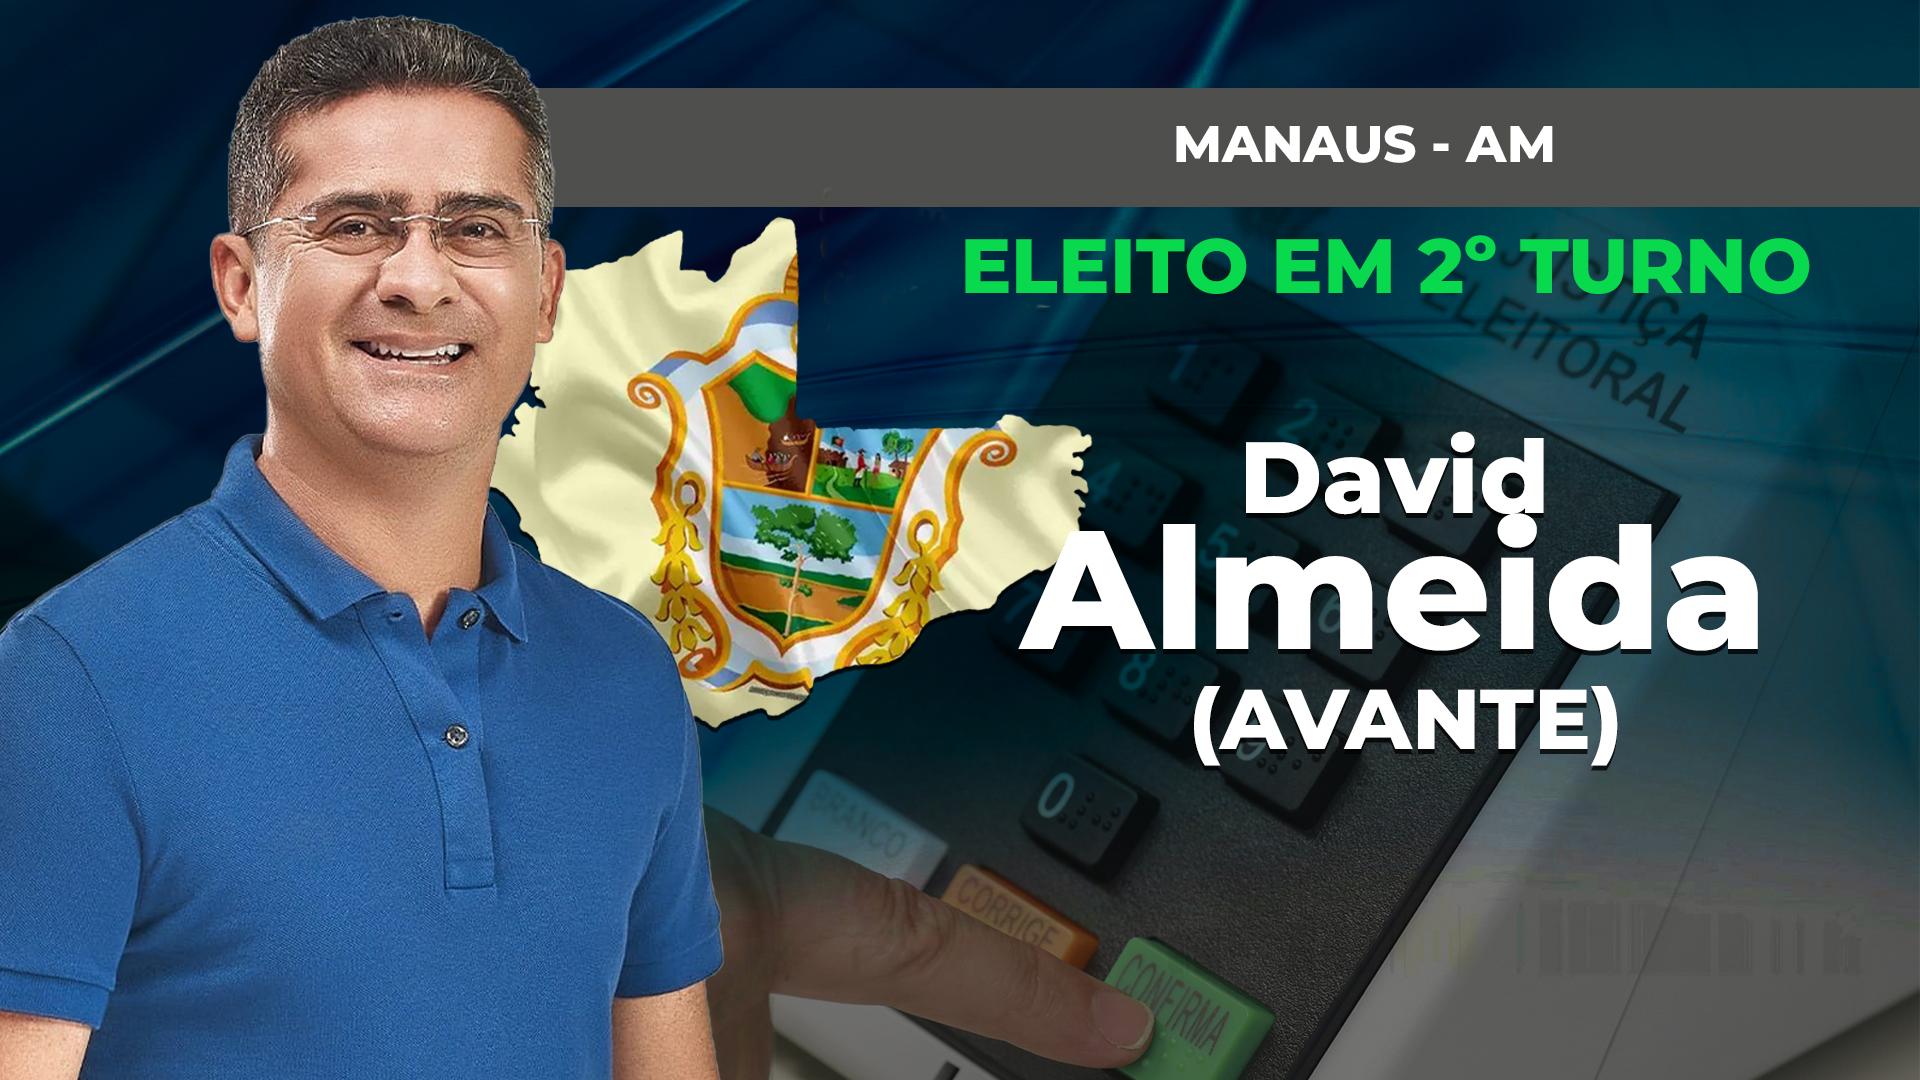 IMAGEM: MANAUS: DAVID ALMEIDA É ELEITO